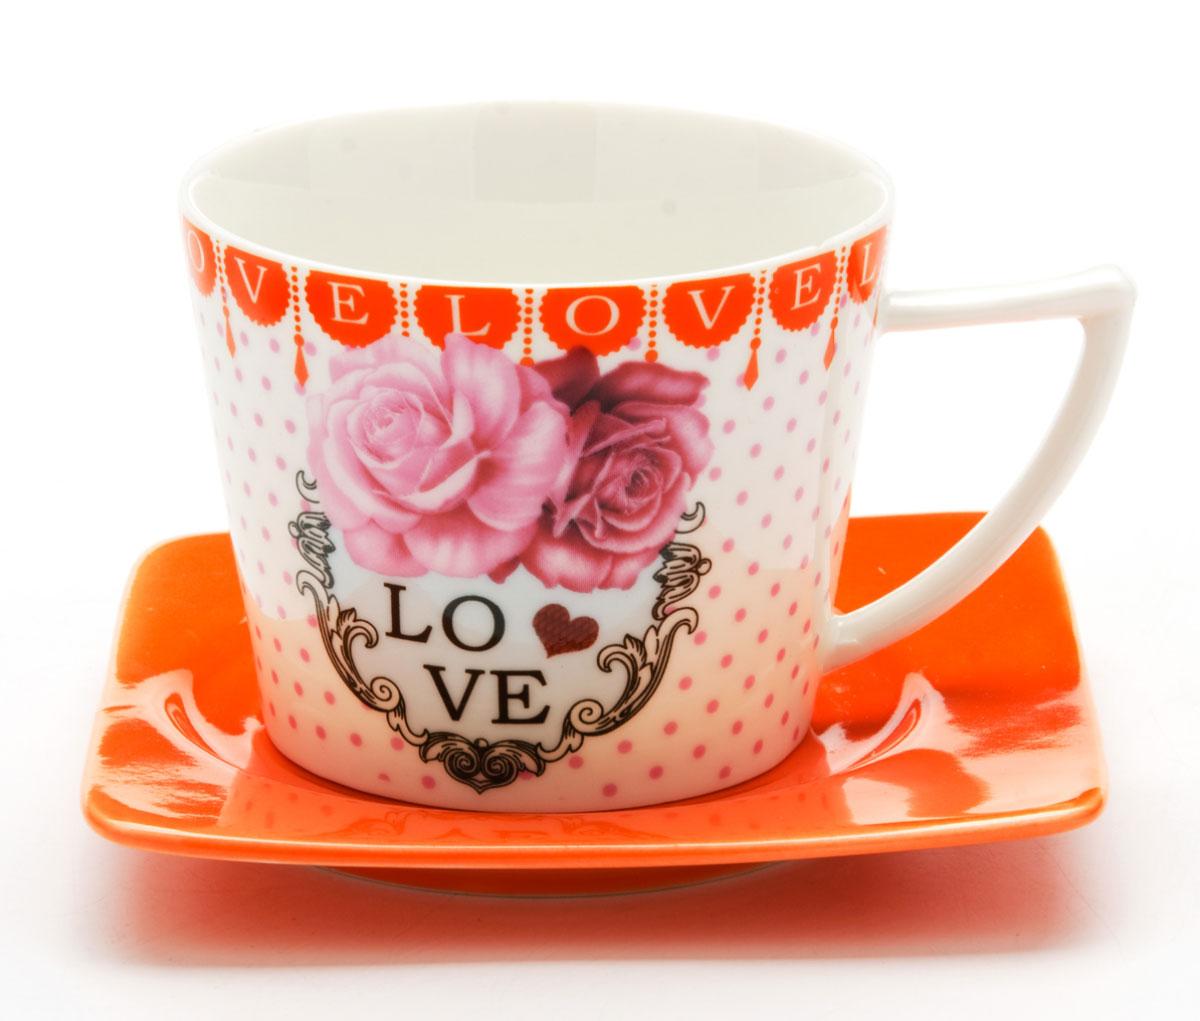 Чайная пара Loraine I LOVE YOU, 230 мл, 2 предмета. 2471024710Этот чайный набор, выполненный из керамики, состоит из одной чашки и блюдца. Предметы набора оформлены ярким изображением I LOVE YOU. Изящный дизайн и красочность оформления придутся по вкусу и ценителям классики, и тем, кто предпочитает утонченность и изысканность. Чайный набор - идеальный и необходимый подарок для вашего дома и для ваших друзей в праздники, юбилеи и торжества! Он также станет отличным корпоративным подарком и украшением любой кухни. Чайный набор упакован в подарочную коробку из плотного цветного картона. Внутренняя часть коробки задрапирована белым атласом.